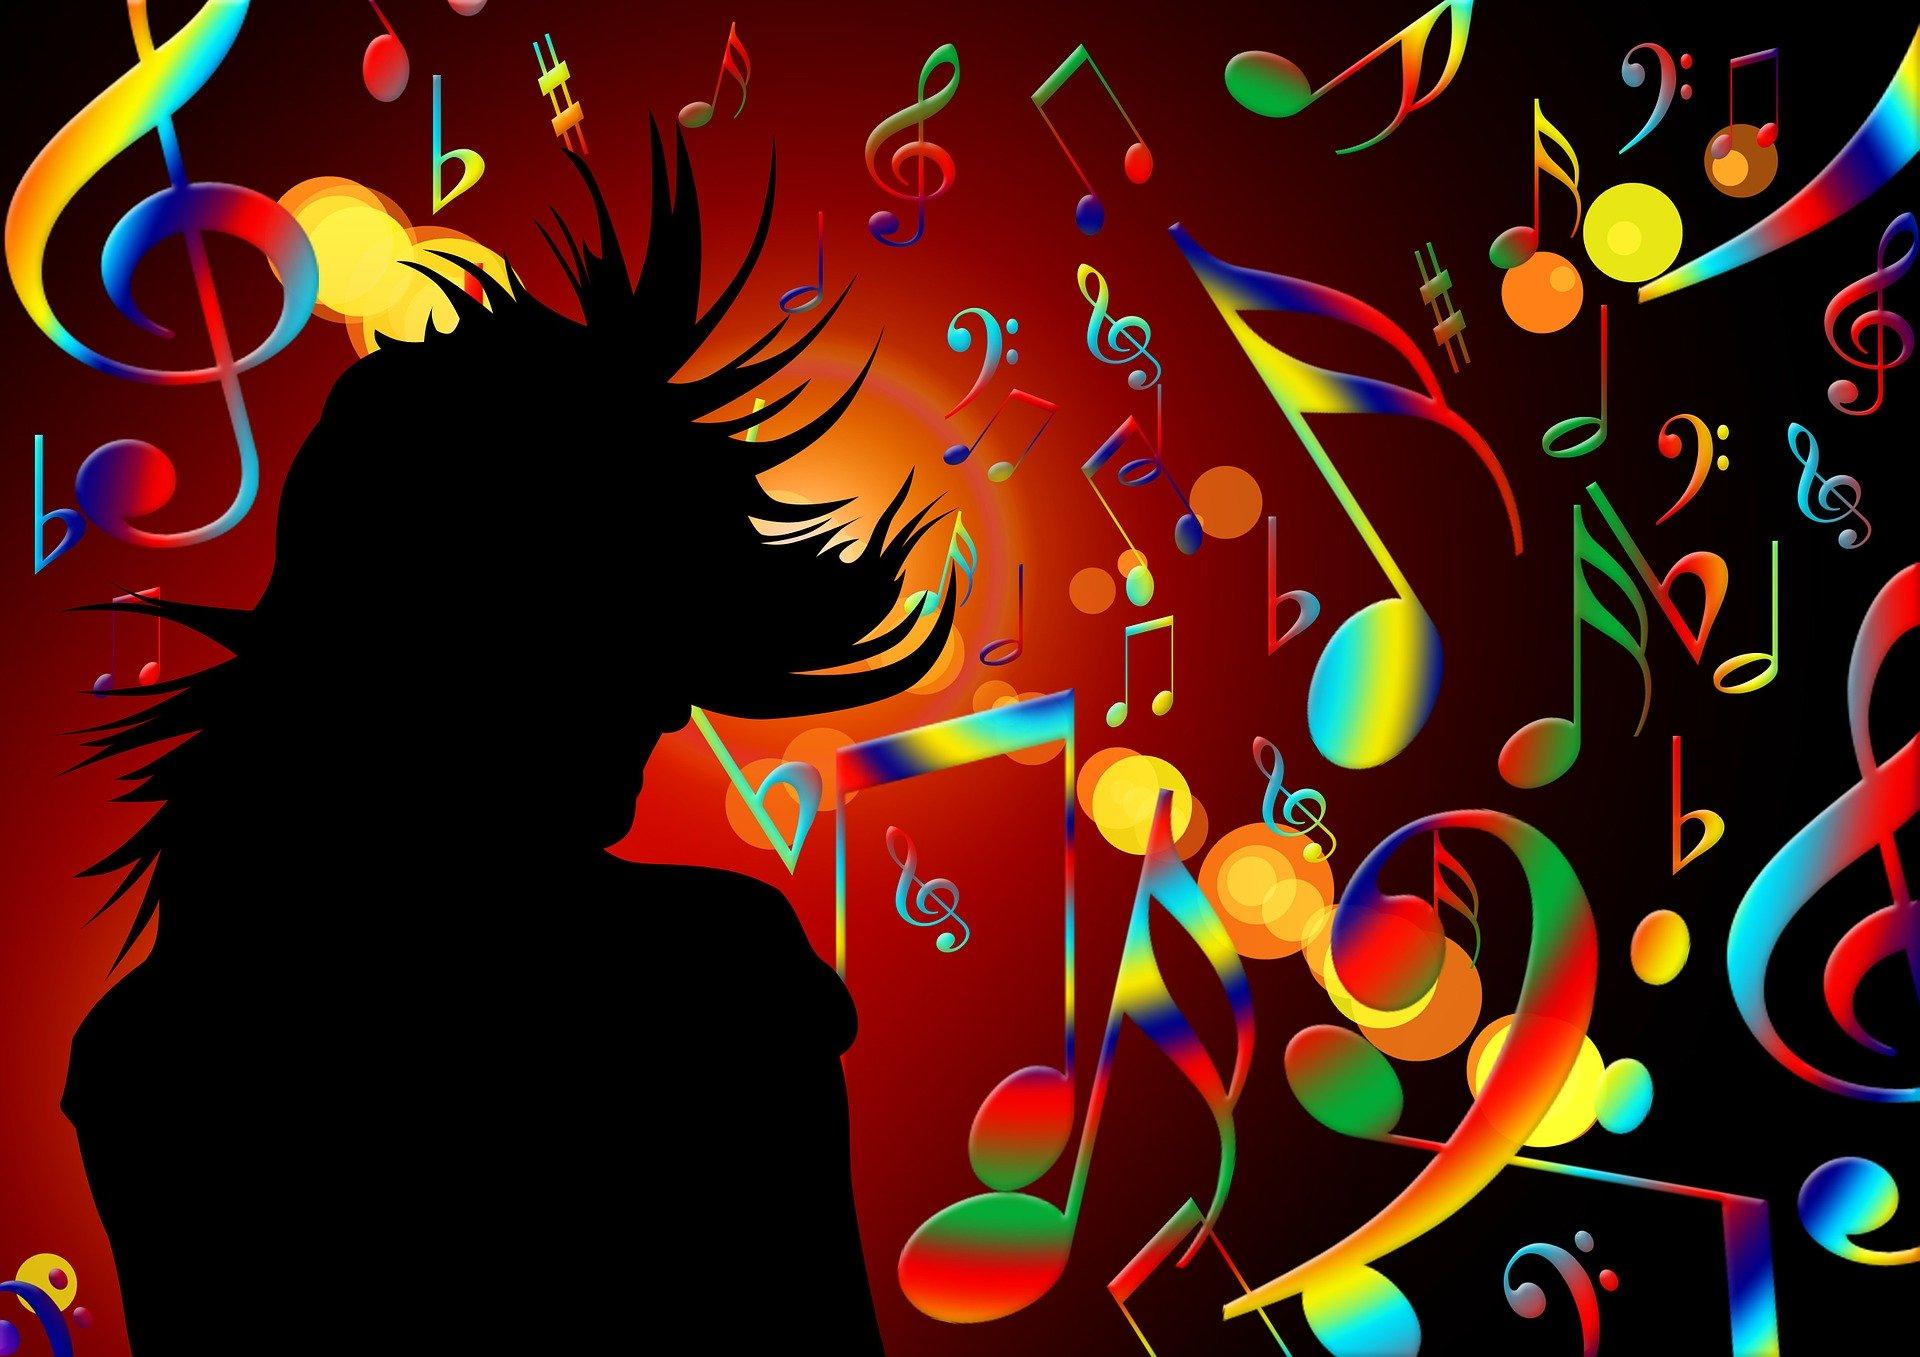 dance-108915_1920.jpg